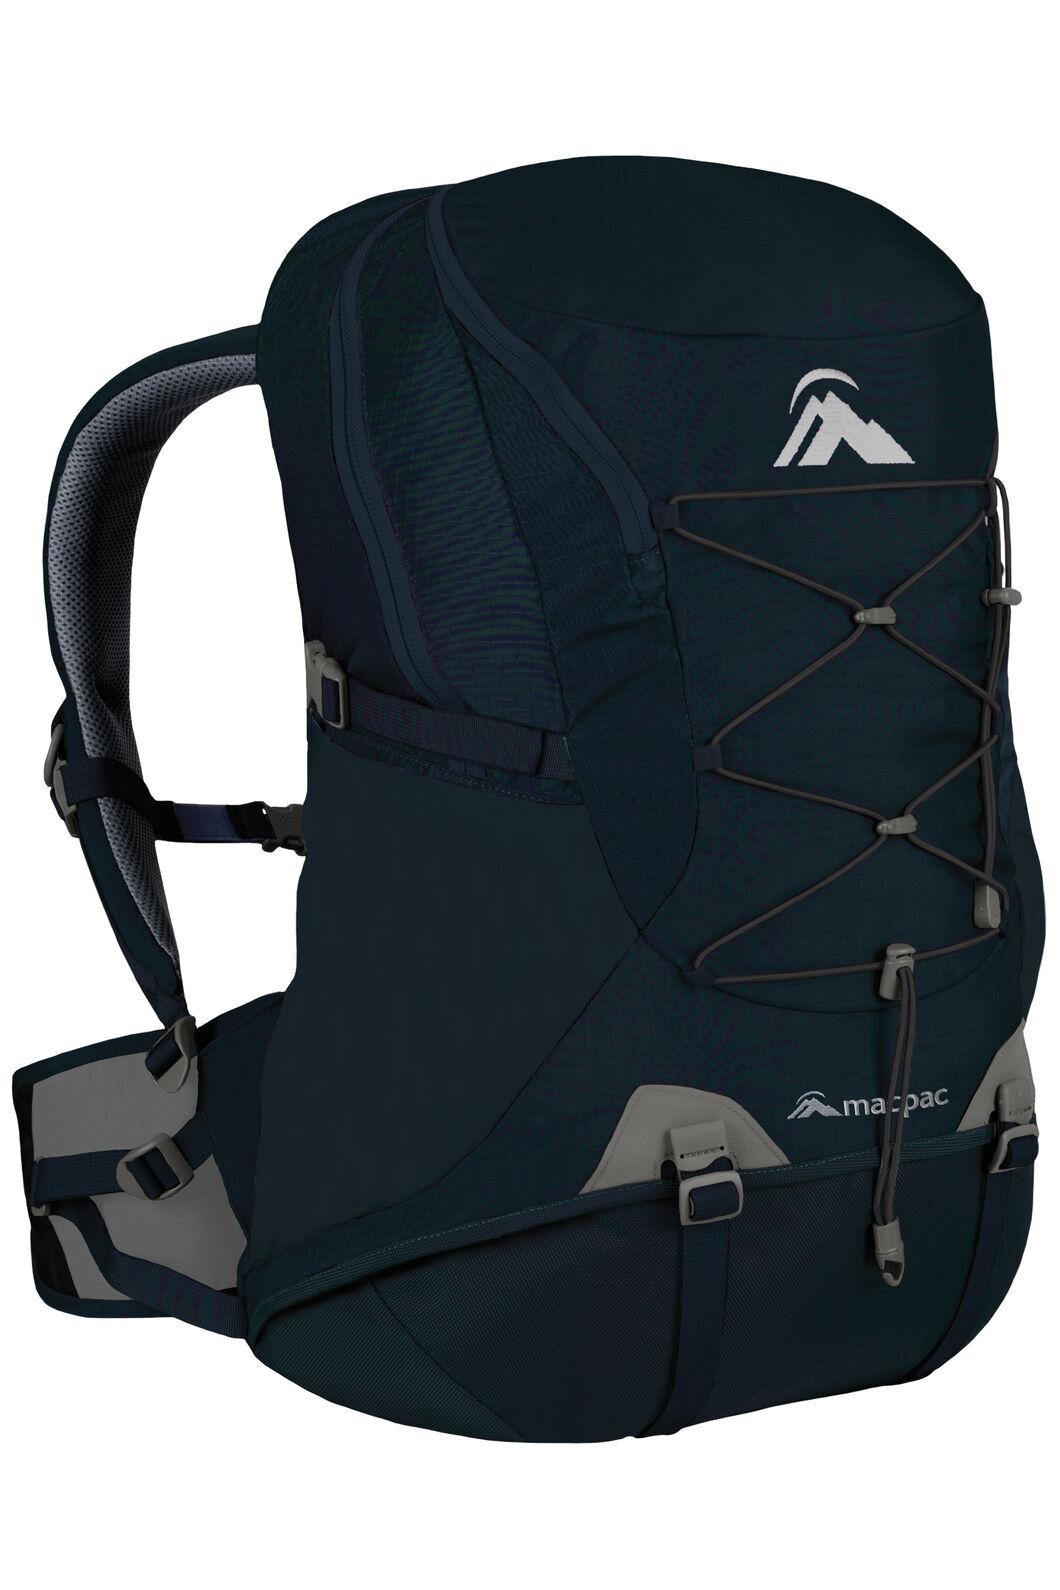 Macpac Voyager 35L Pack, Carbon, hi-res